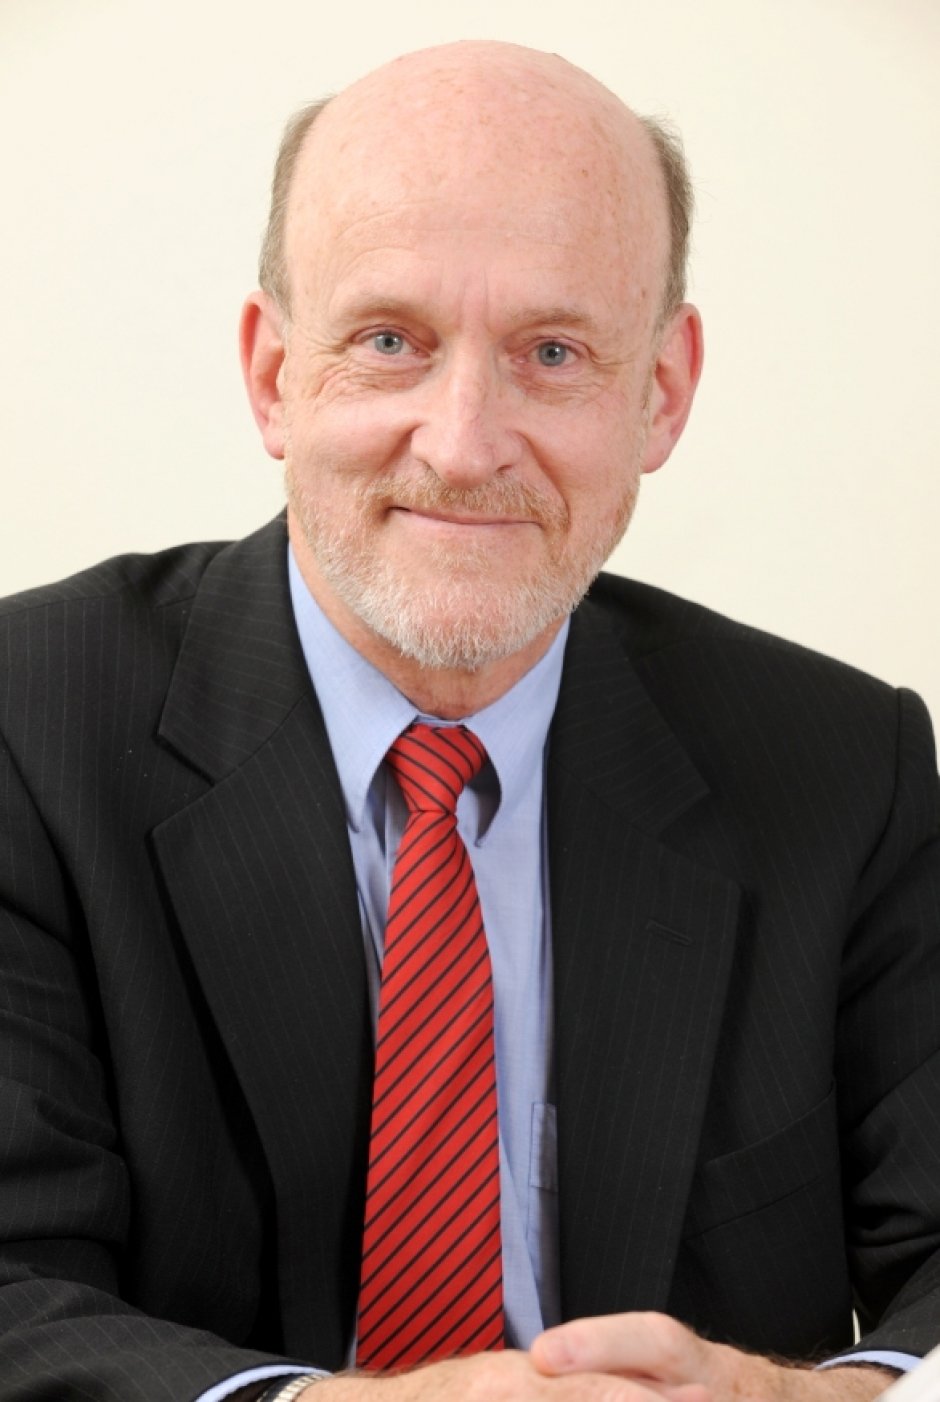 Dr Wilton Braund